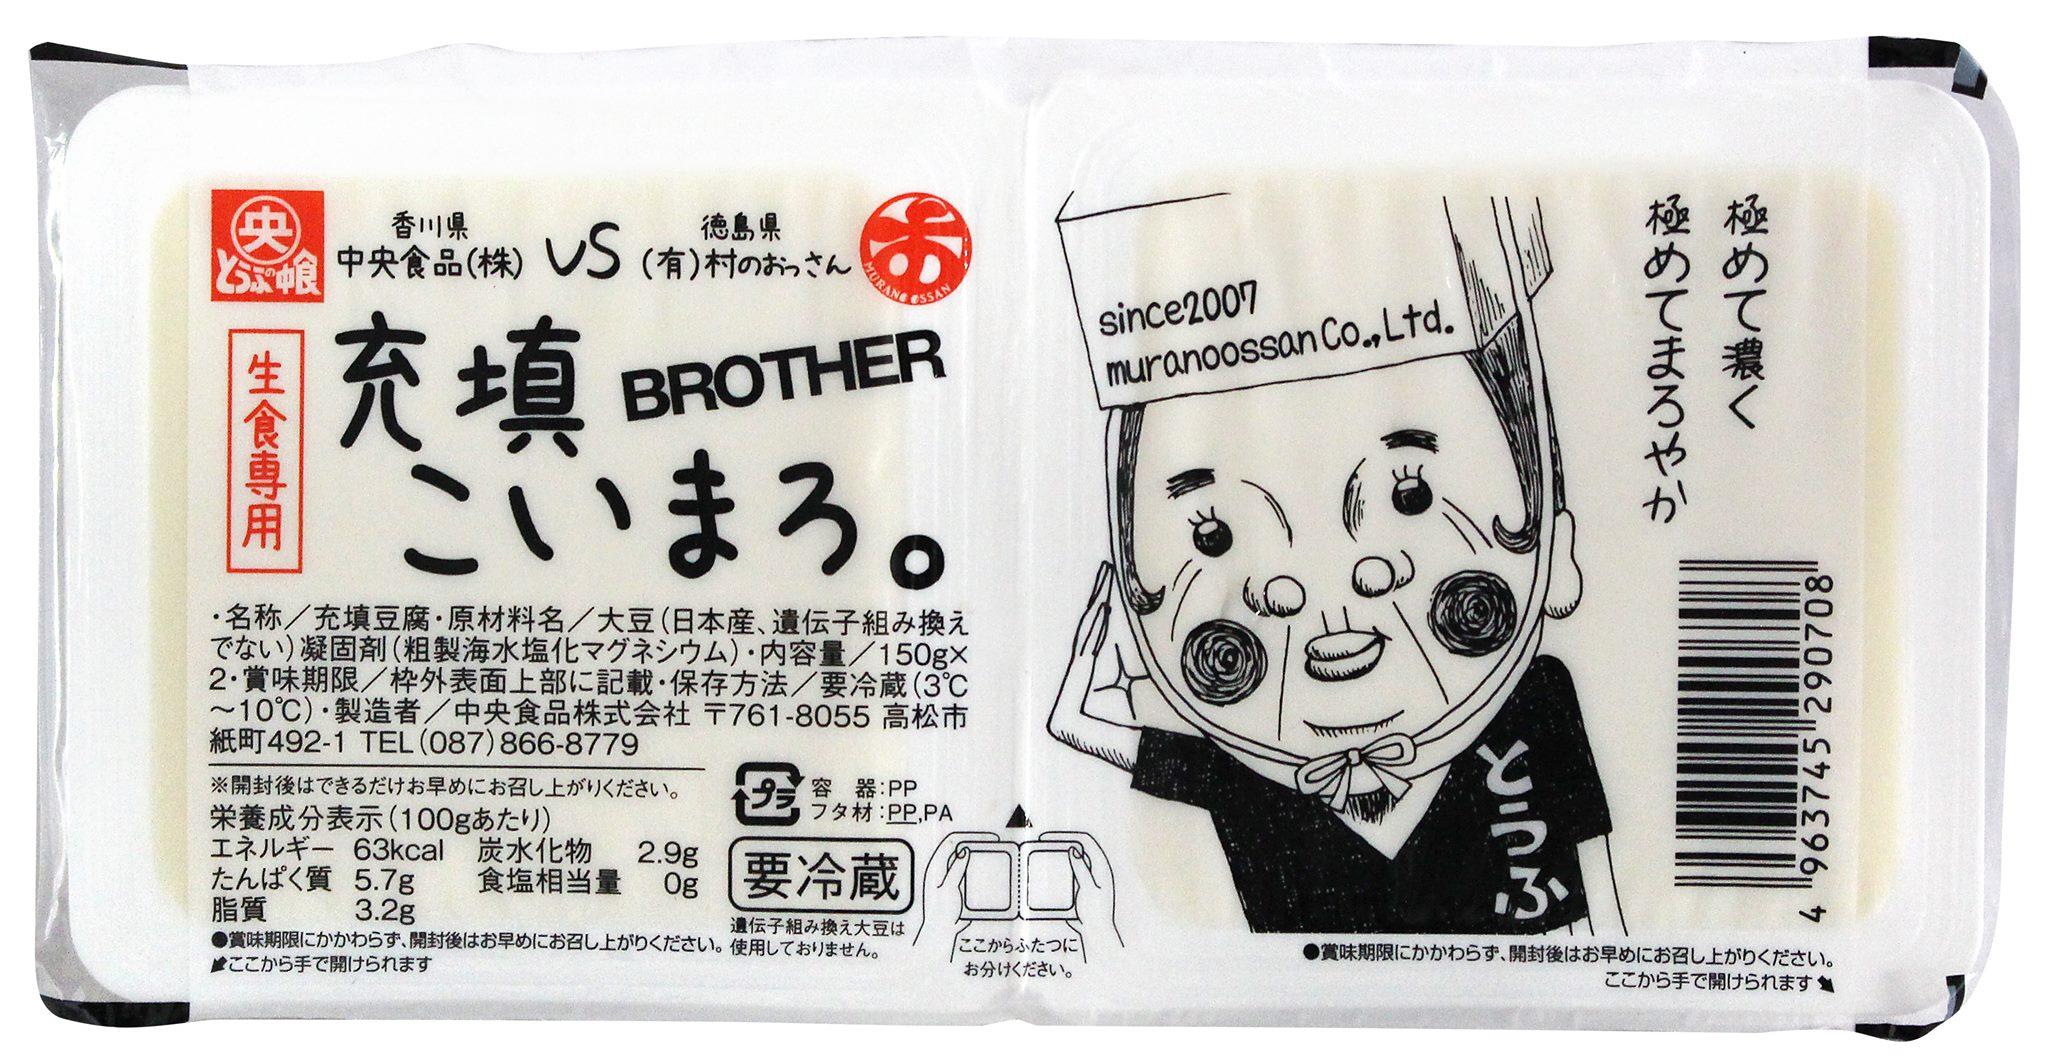 【いよいよ徳島・香川に降臨!「充填こいまろ。BROTHER」の猛威が吹き荒れる!】